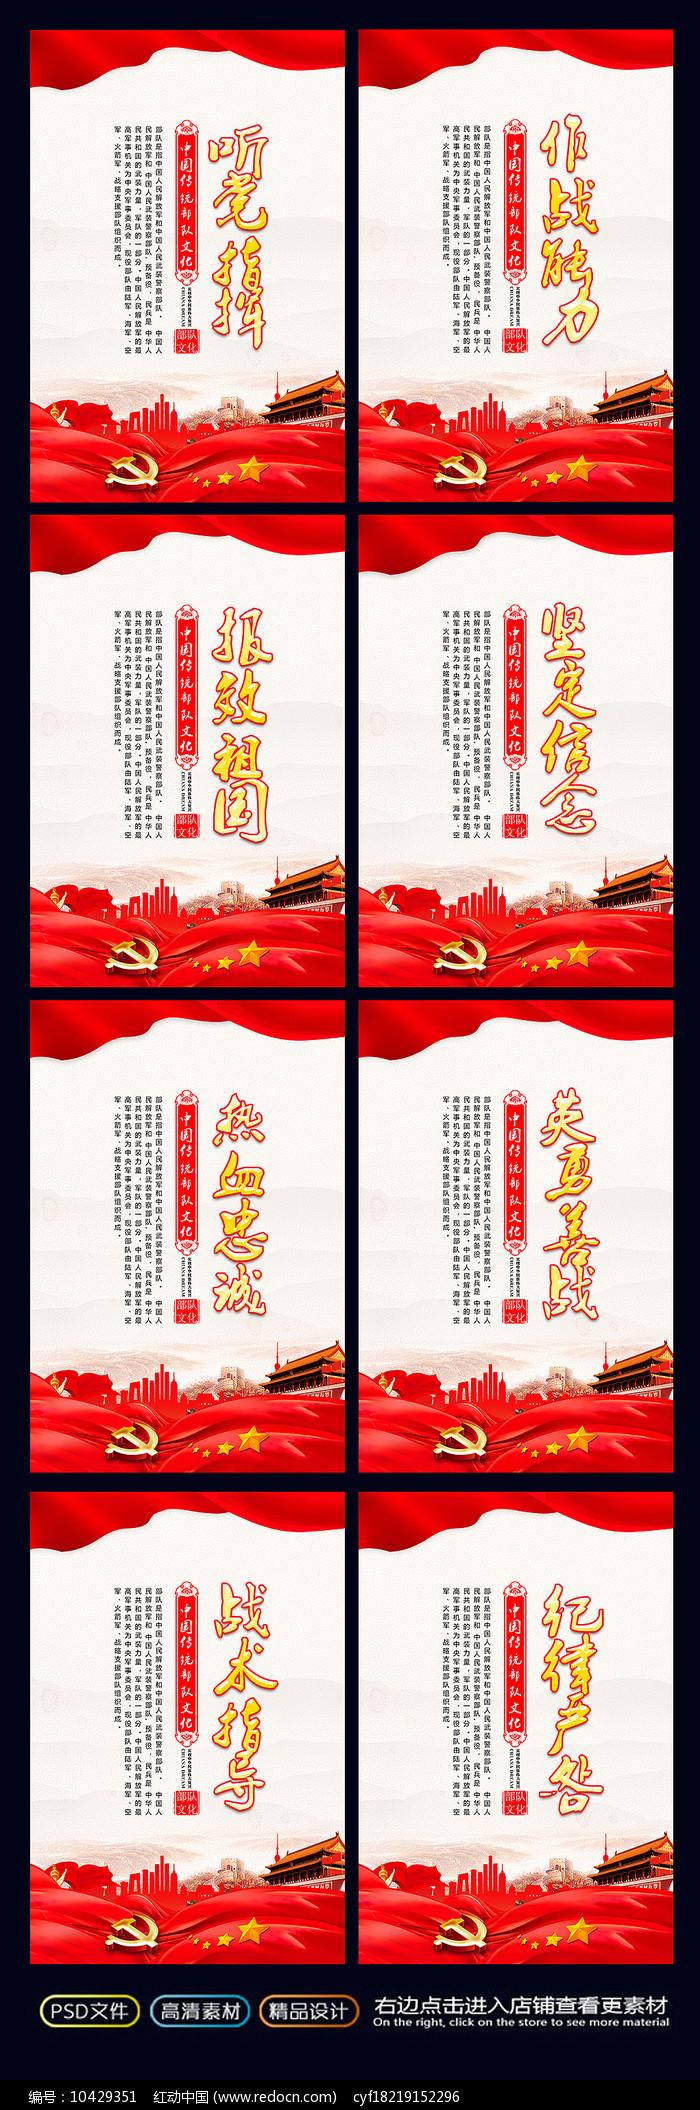 听党指挥部队文化党建宣传标语展板图片